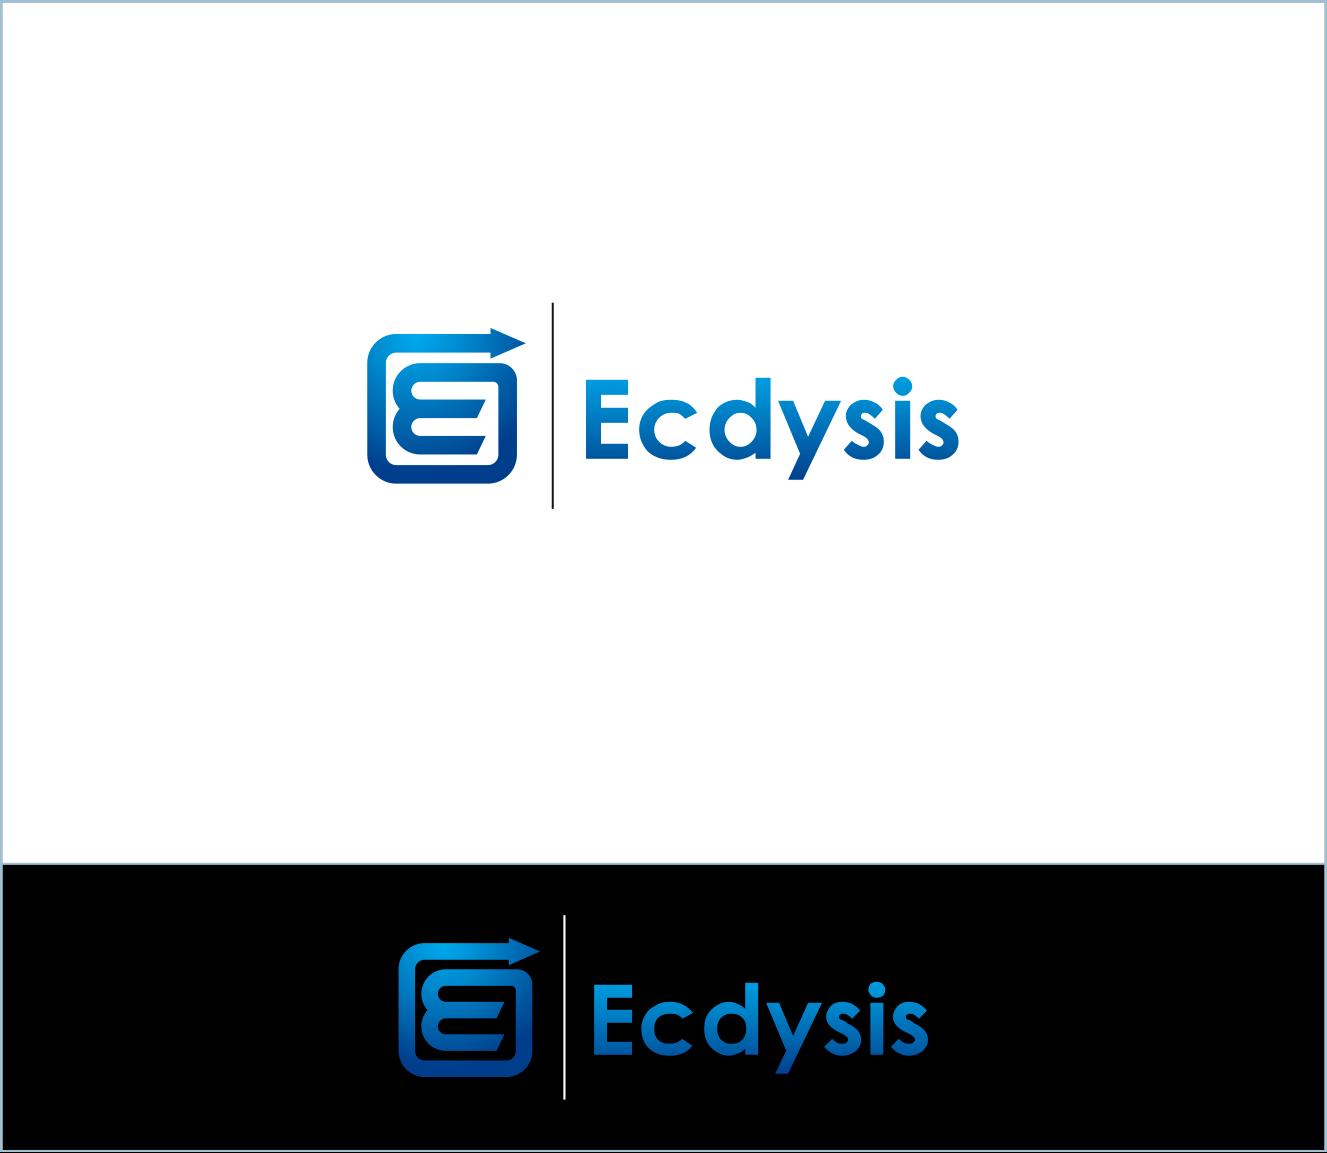 Logo Design by Armada Jamaluddin - Entry No. 15 in the Logo Design Contest Captivating Logo Design for Ecdysis.